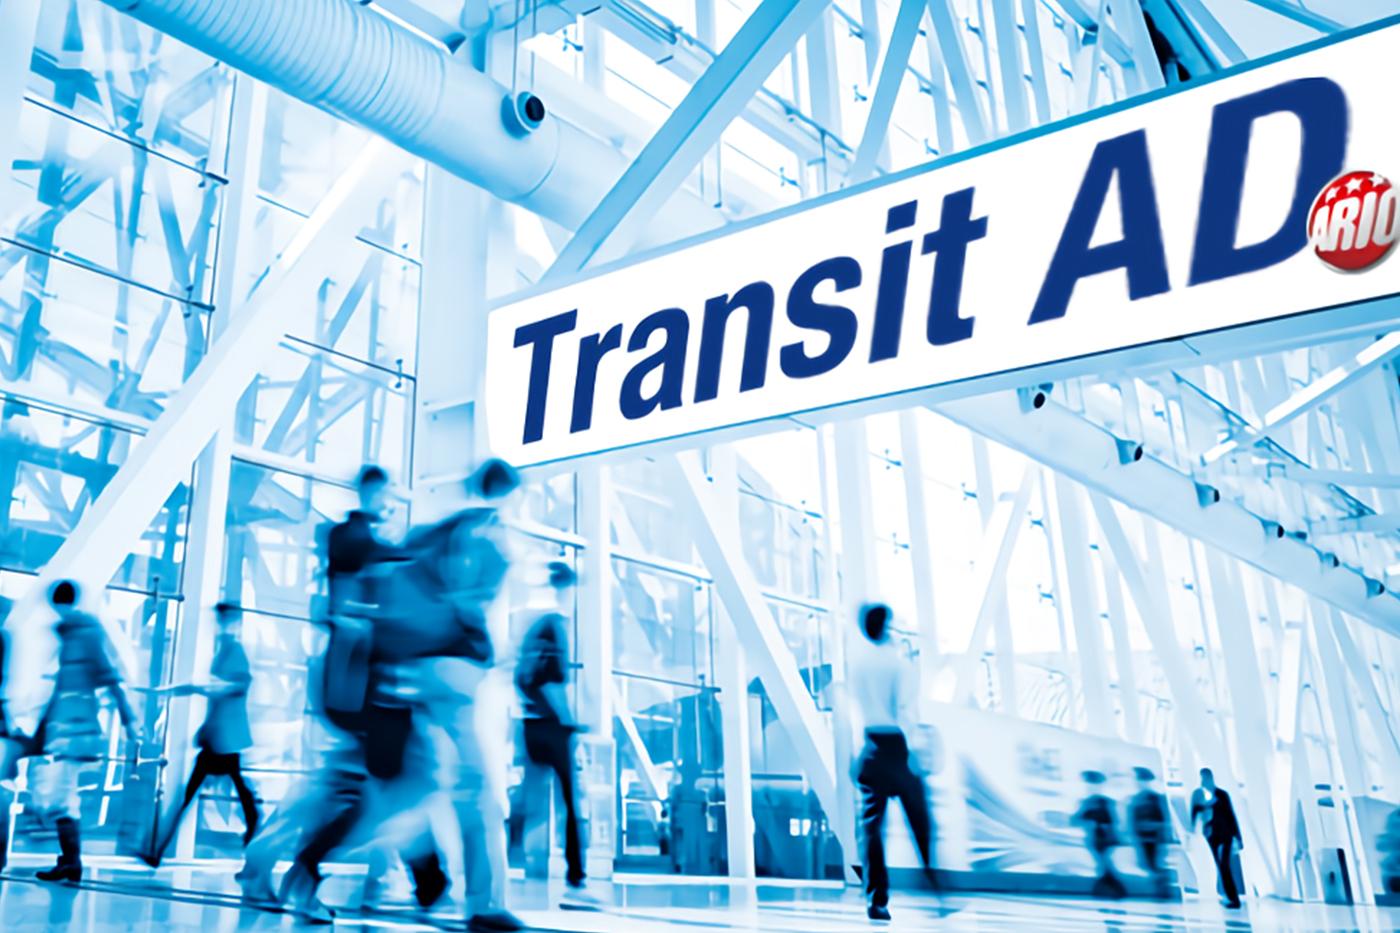 transit_img